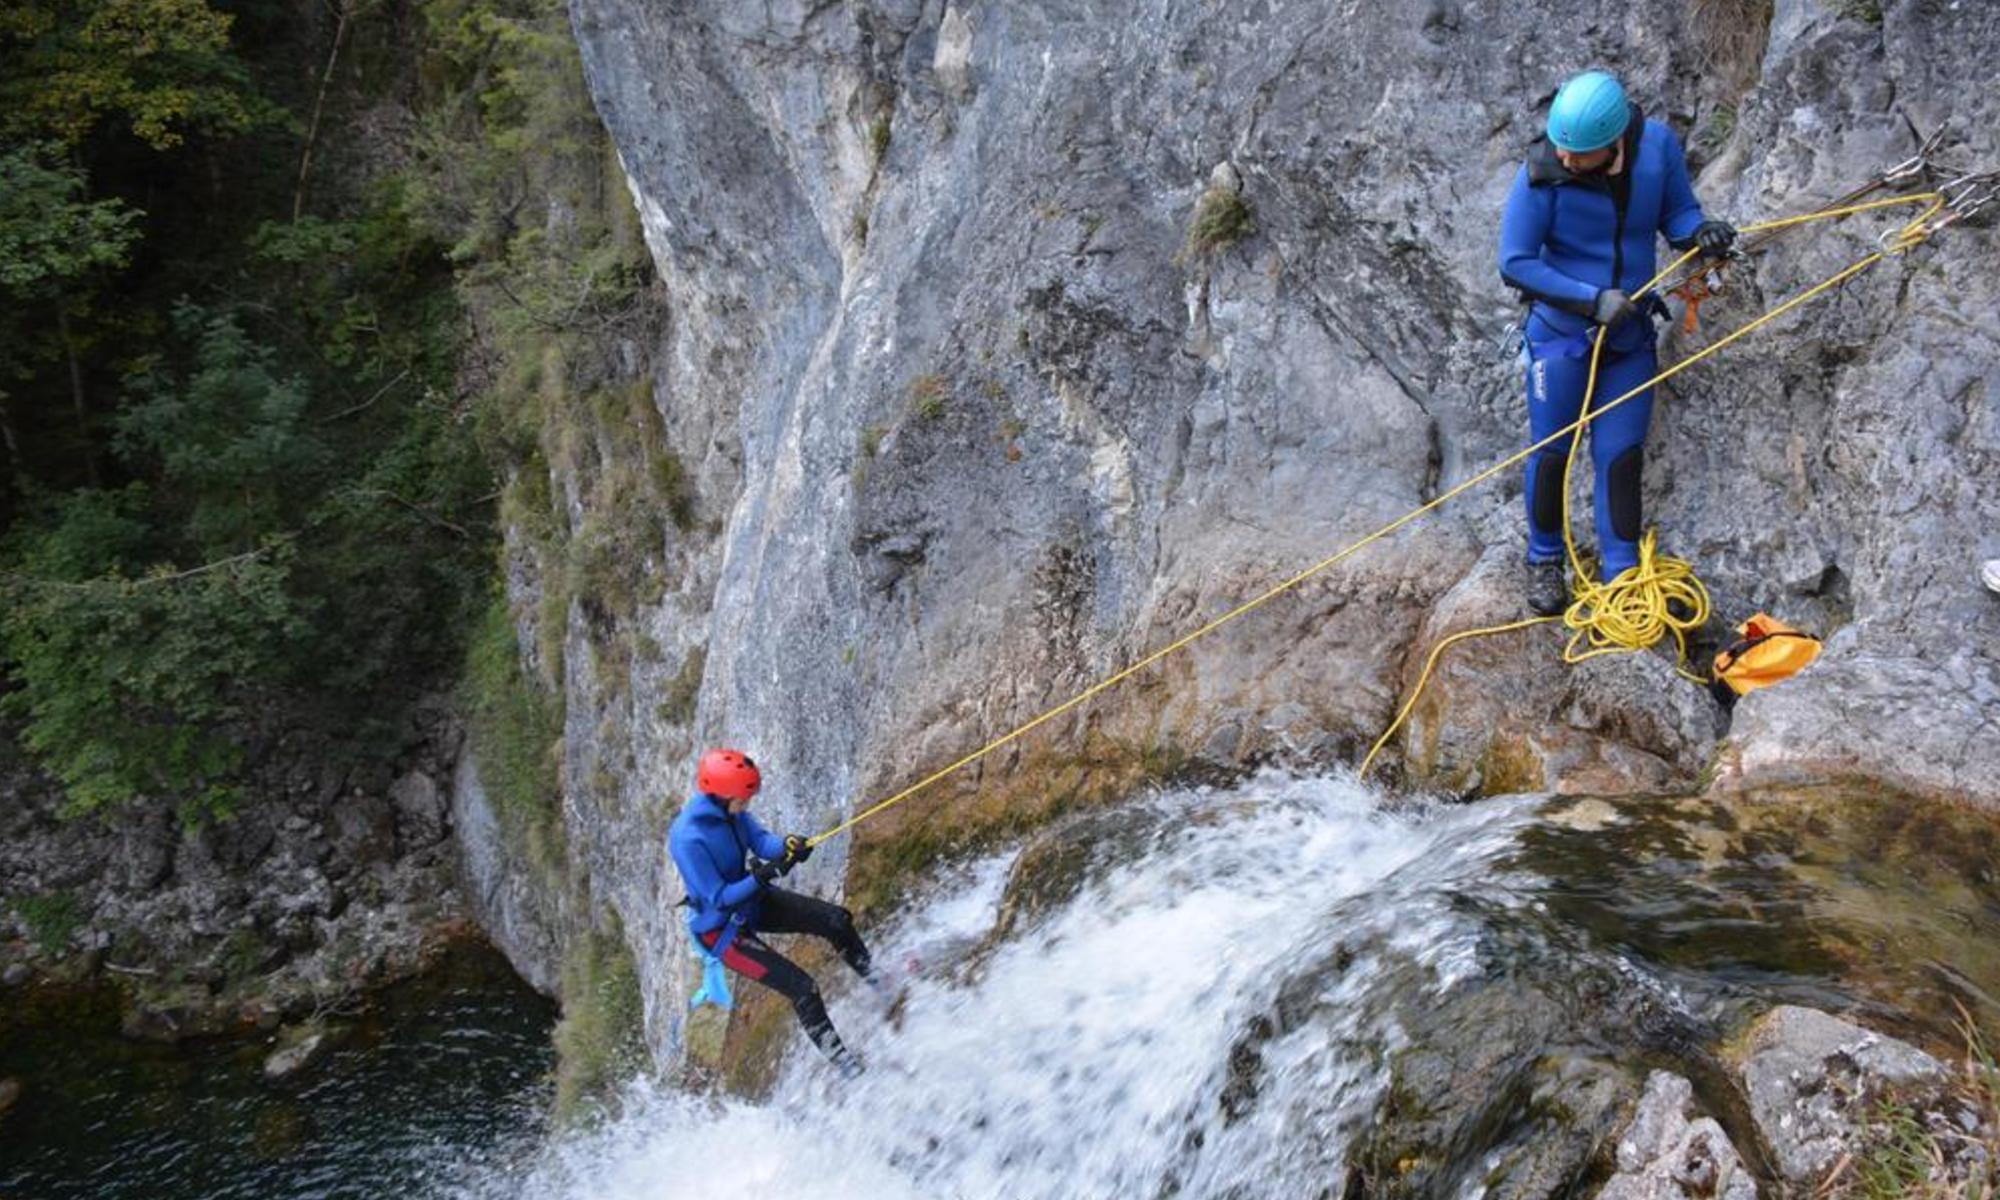 Zwei Canyoner seilen sich beim Canyoning in der Steiermark an einem Wasserfall ab.